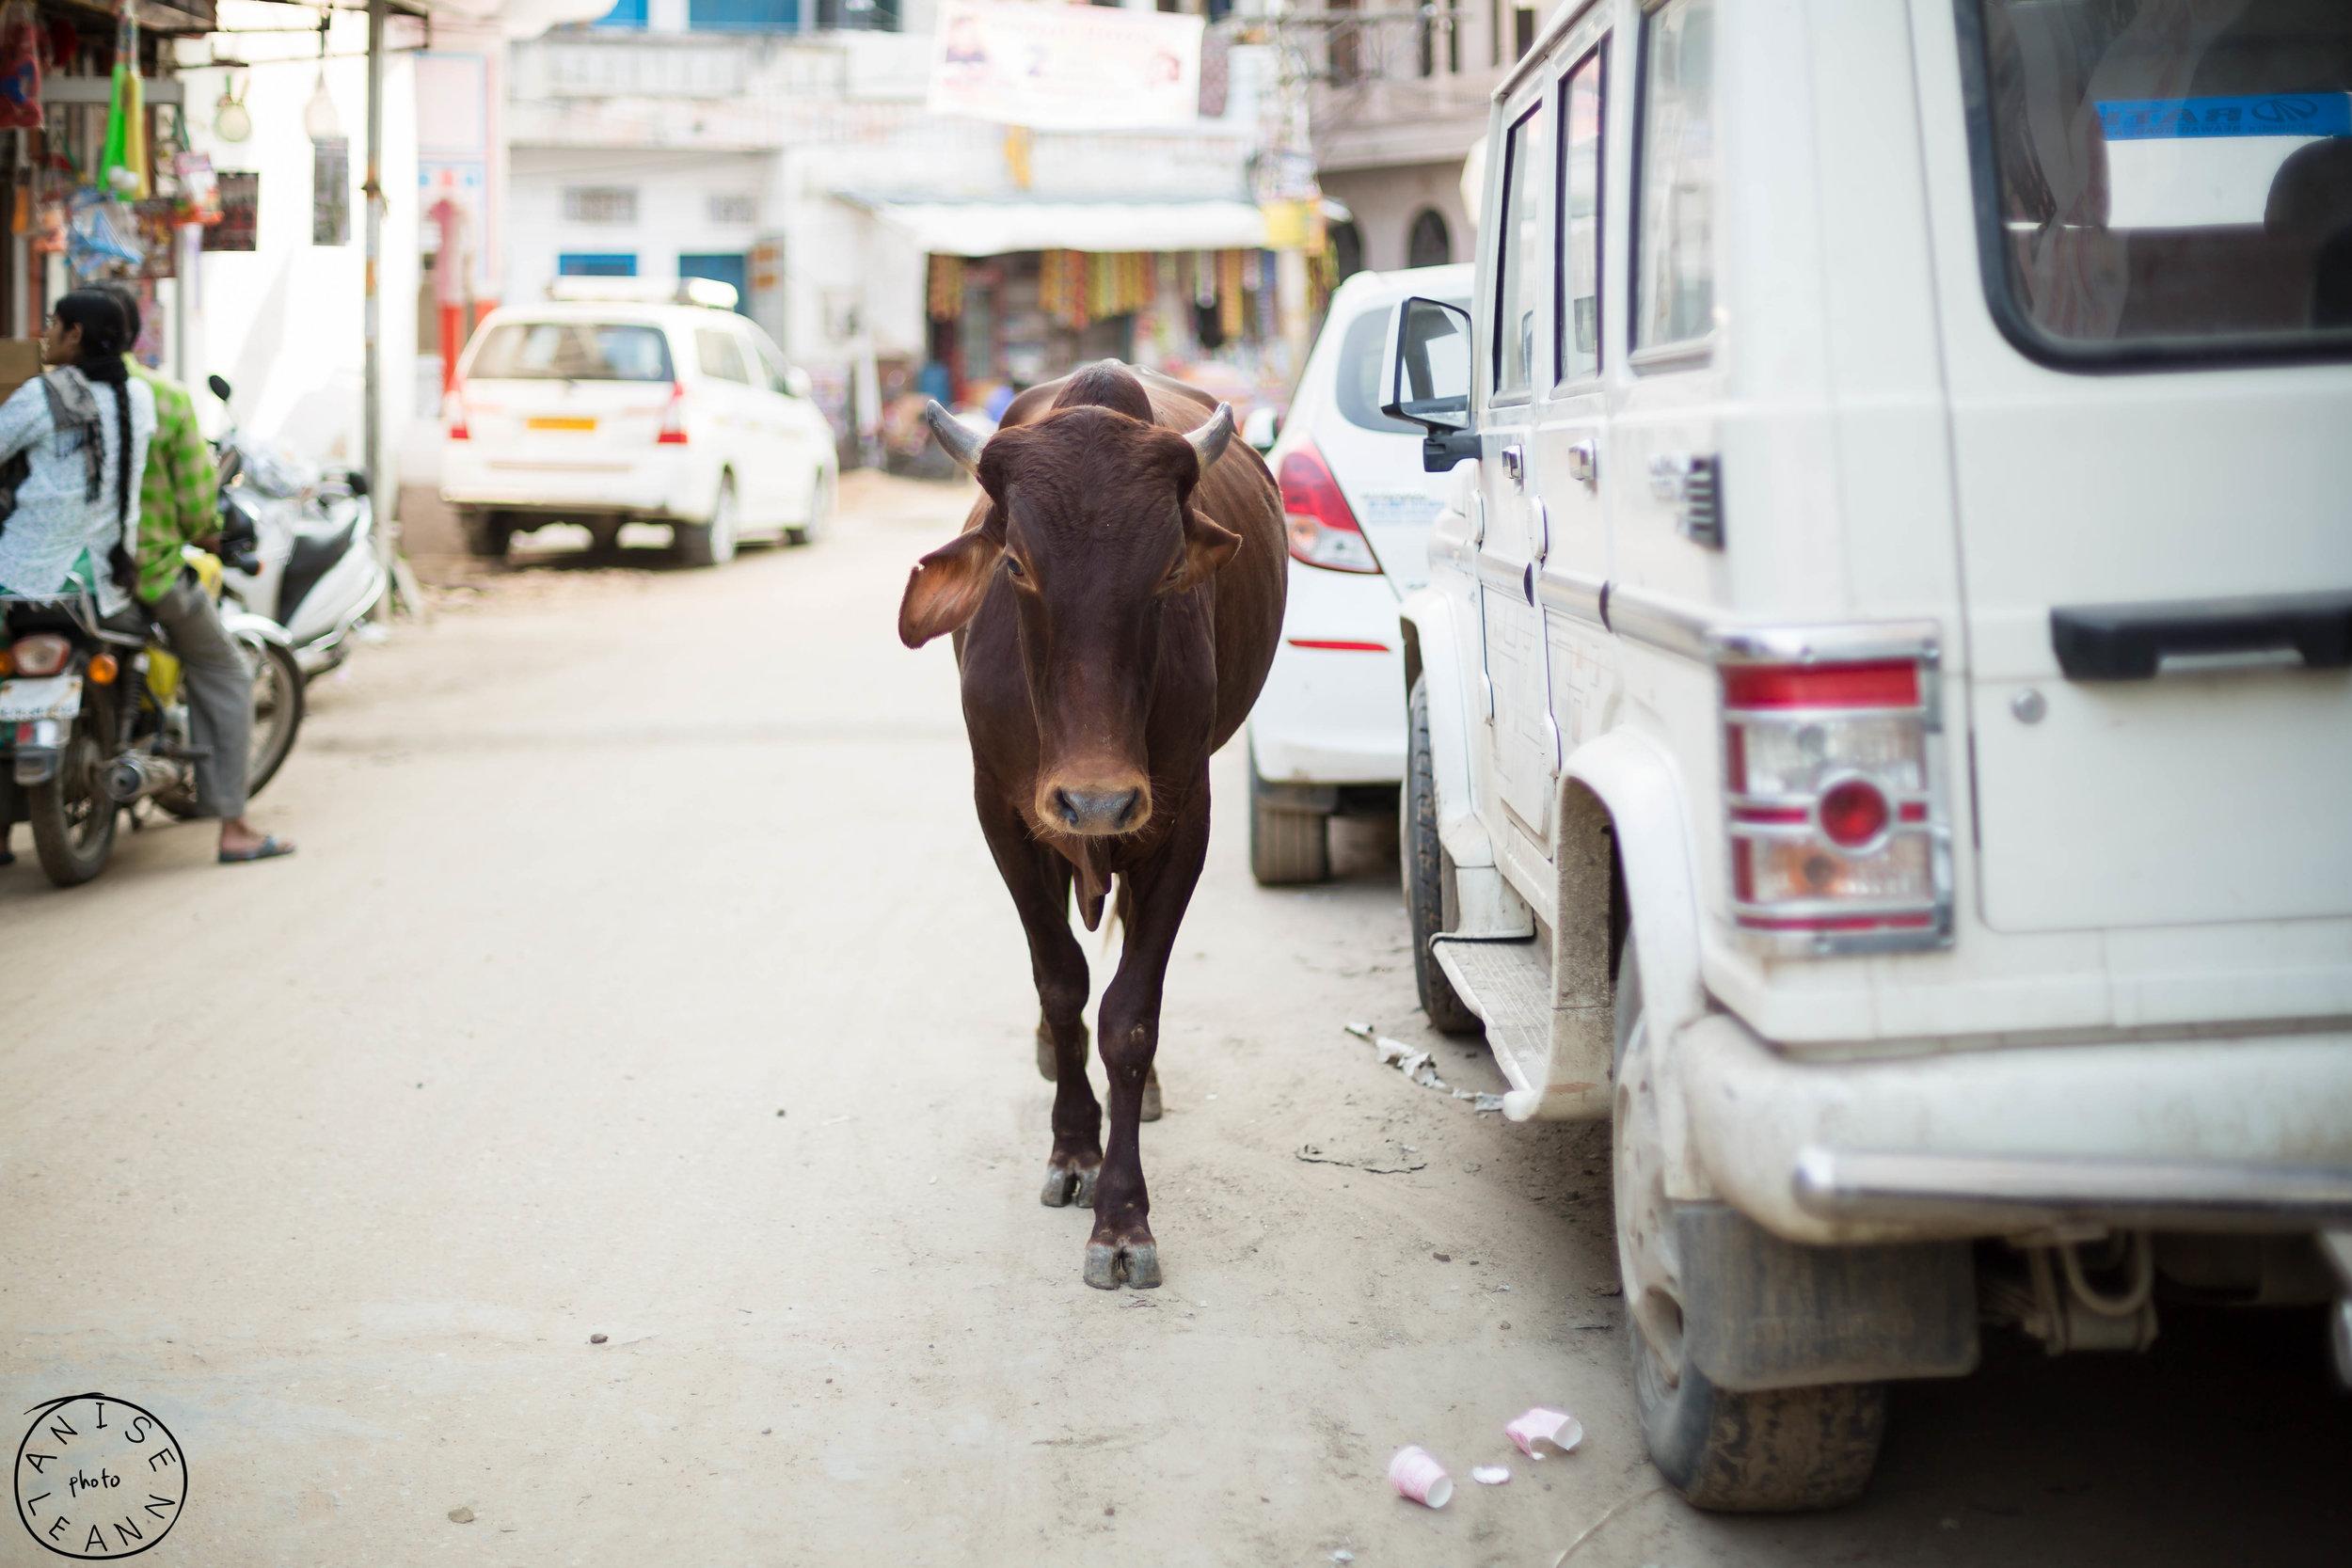 Cows, Cows everywhere :)